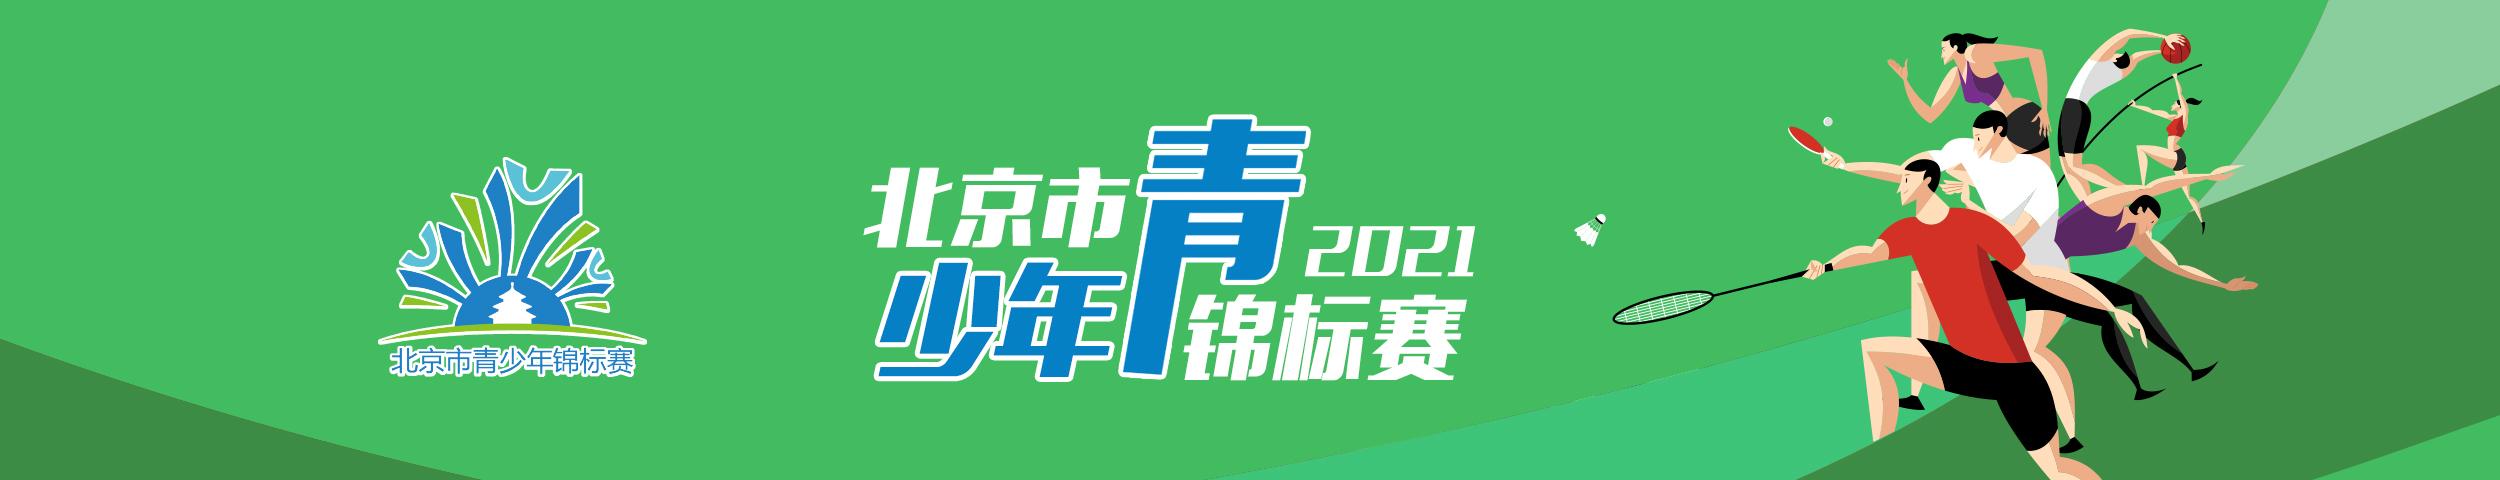 2021年北京市青少年锦标赛